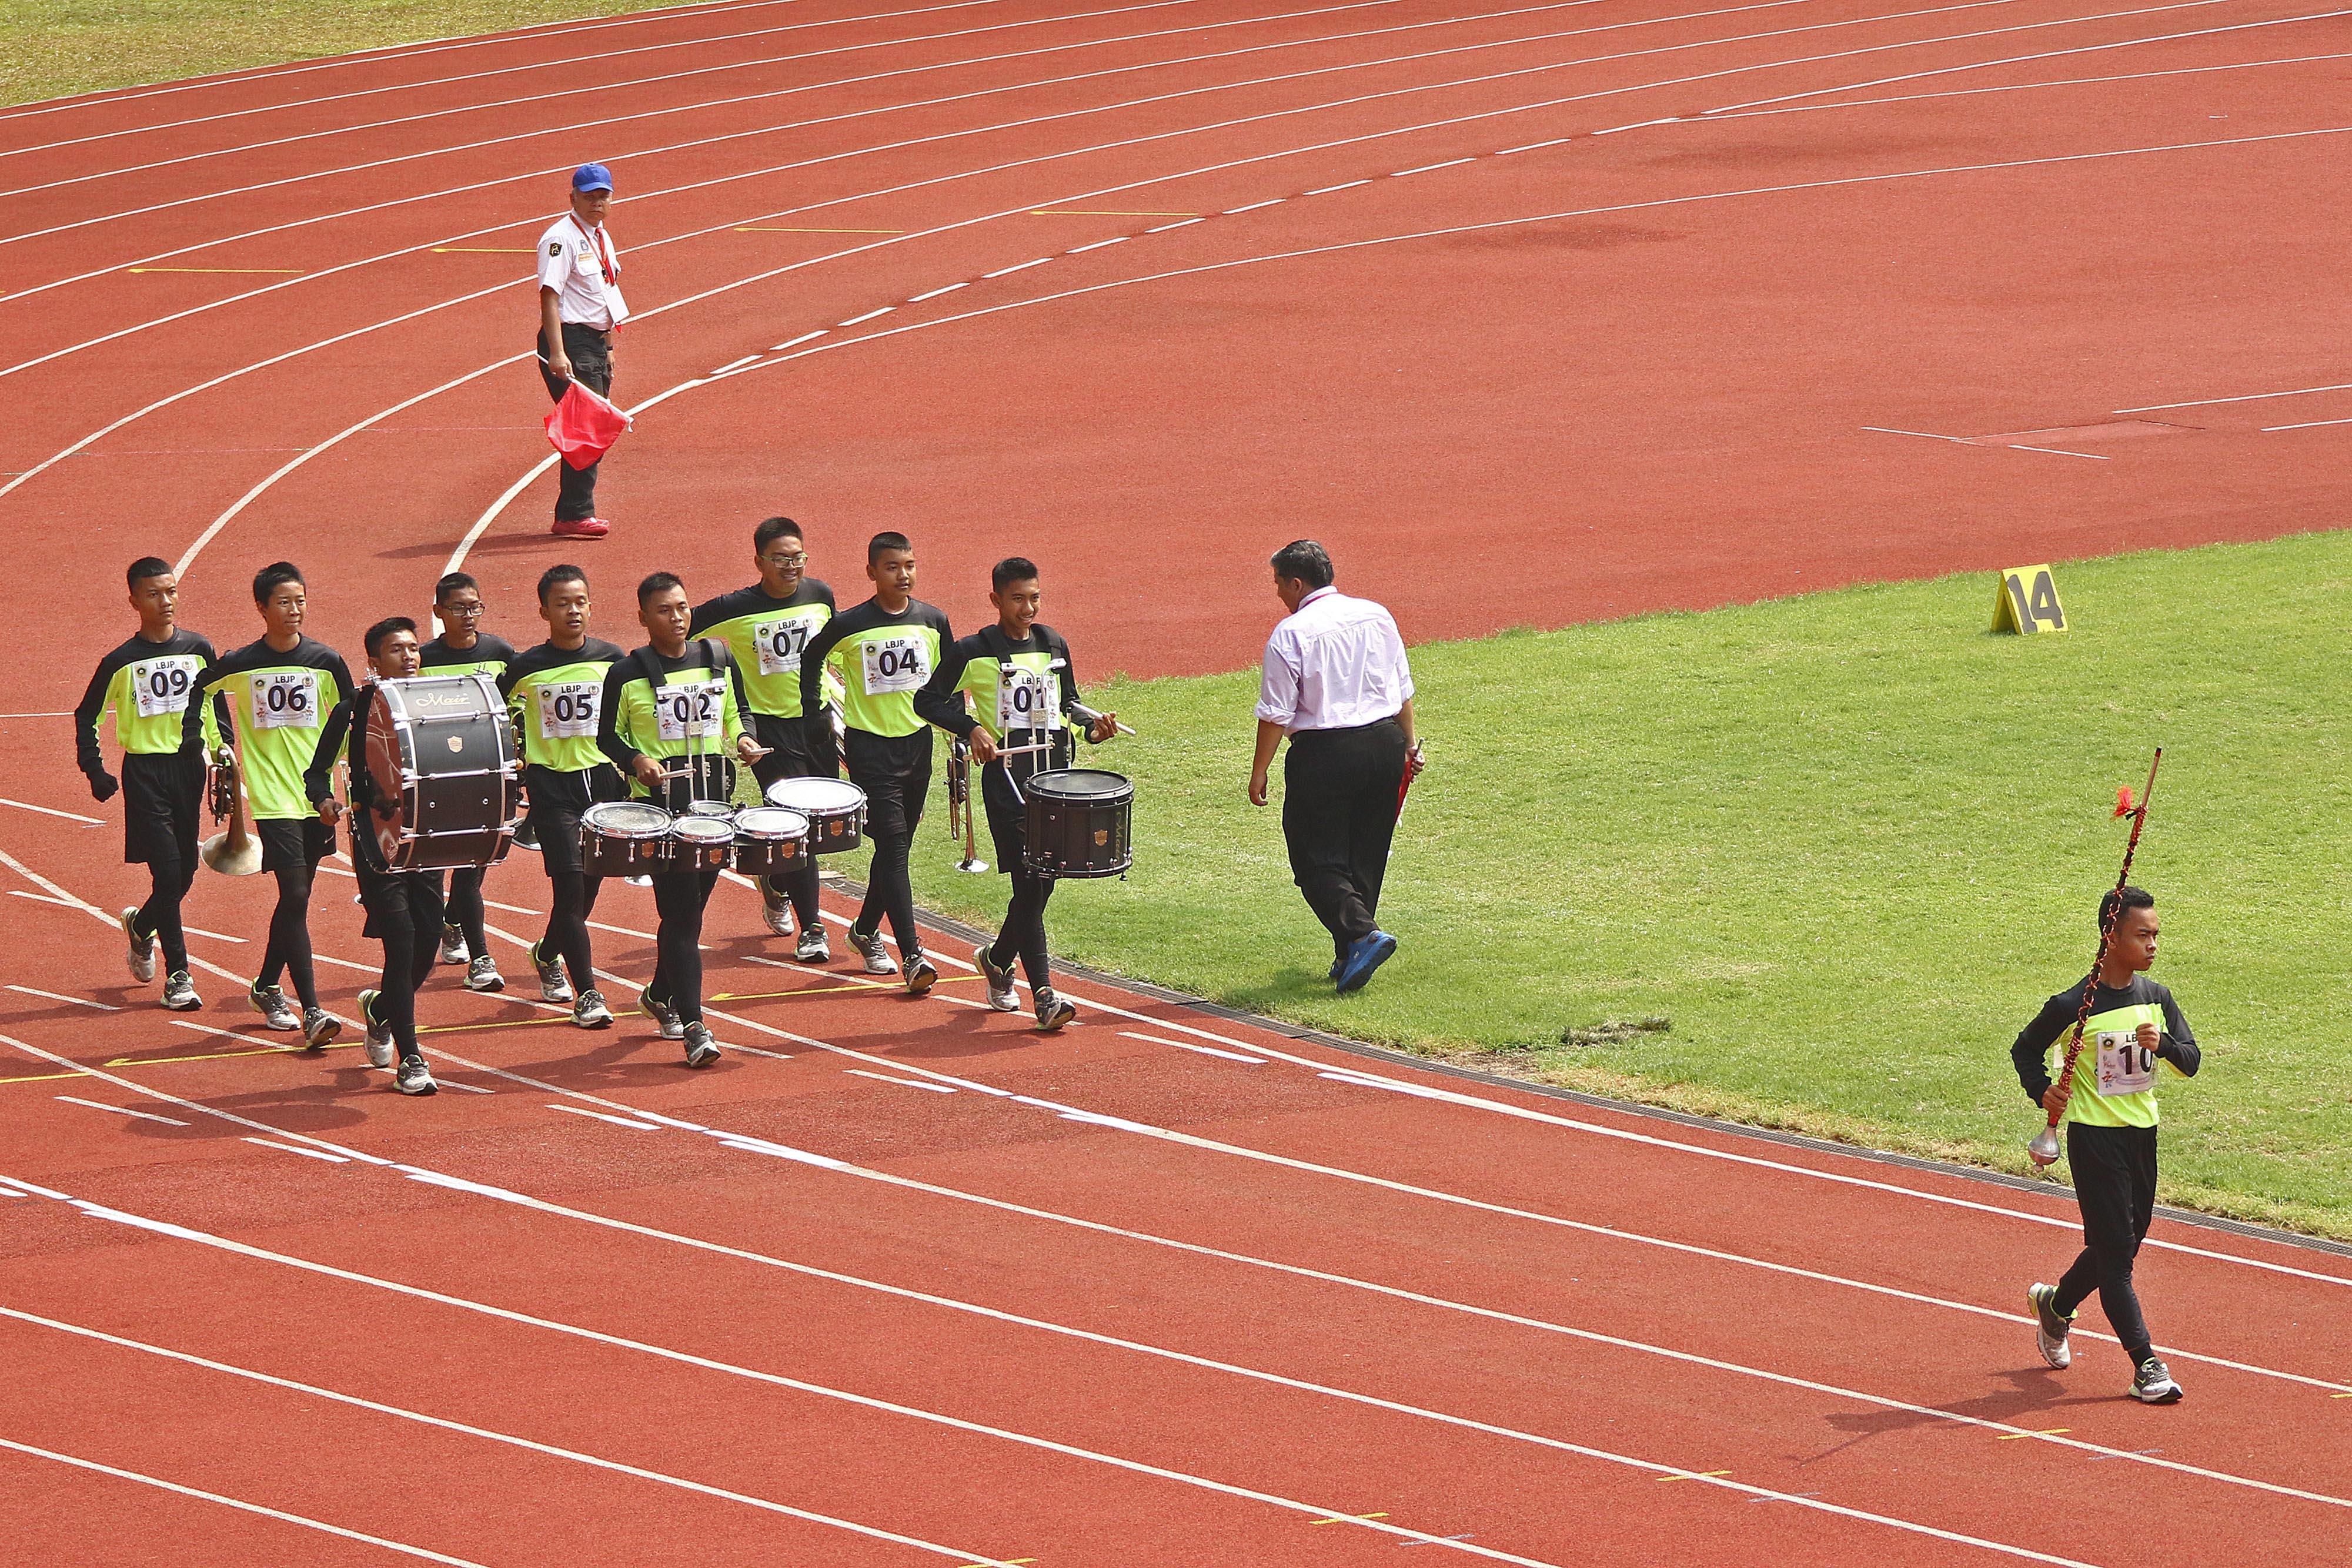 Atlet Drum Band Kota Depok beraksi pada Lomba Berbaris Jarak Pendek (LBJP) 800 m Putra PORDA JABAR XIII-2018 di Stadion Pakansari, Bogor, Rabu (3/10) pagi. KONI KOTA DEPOK/Faruqi/2018